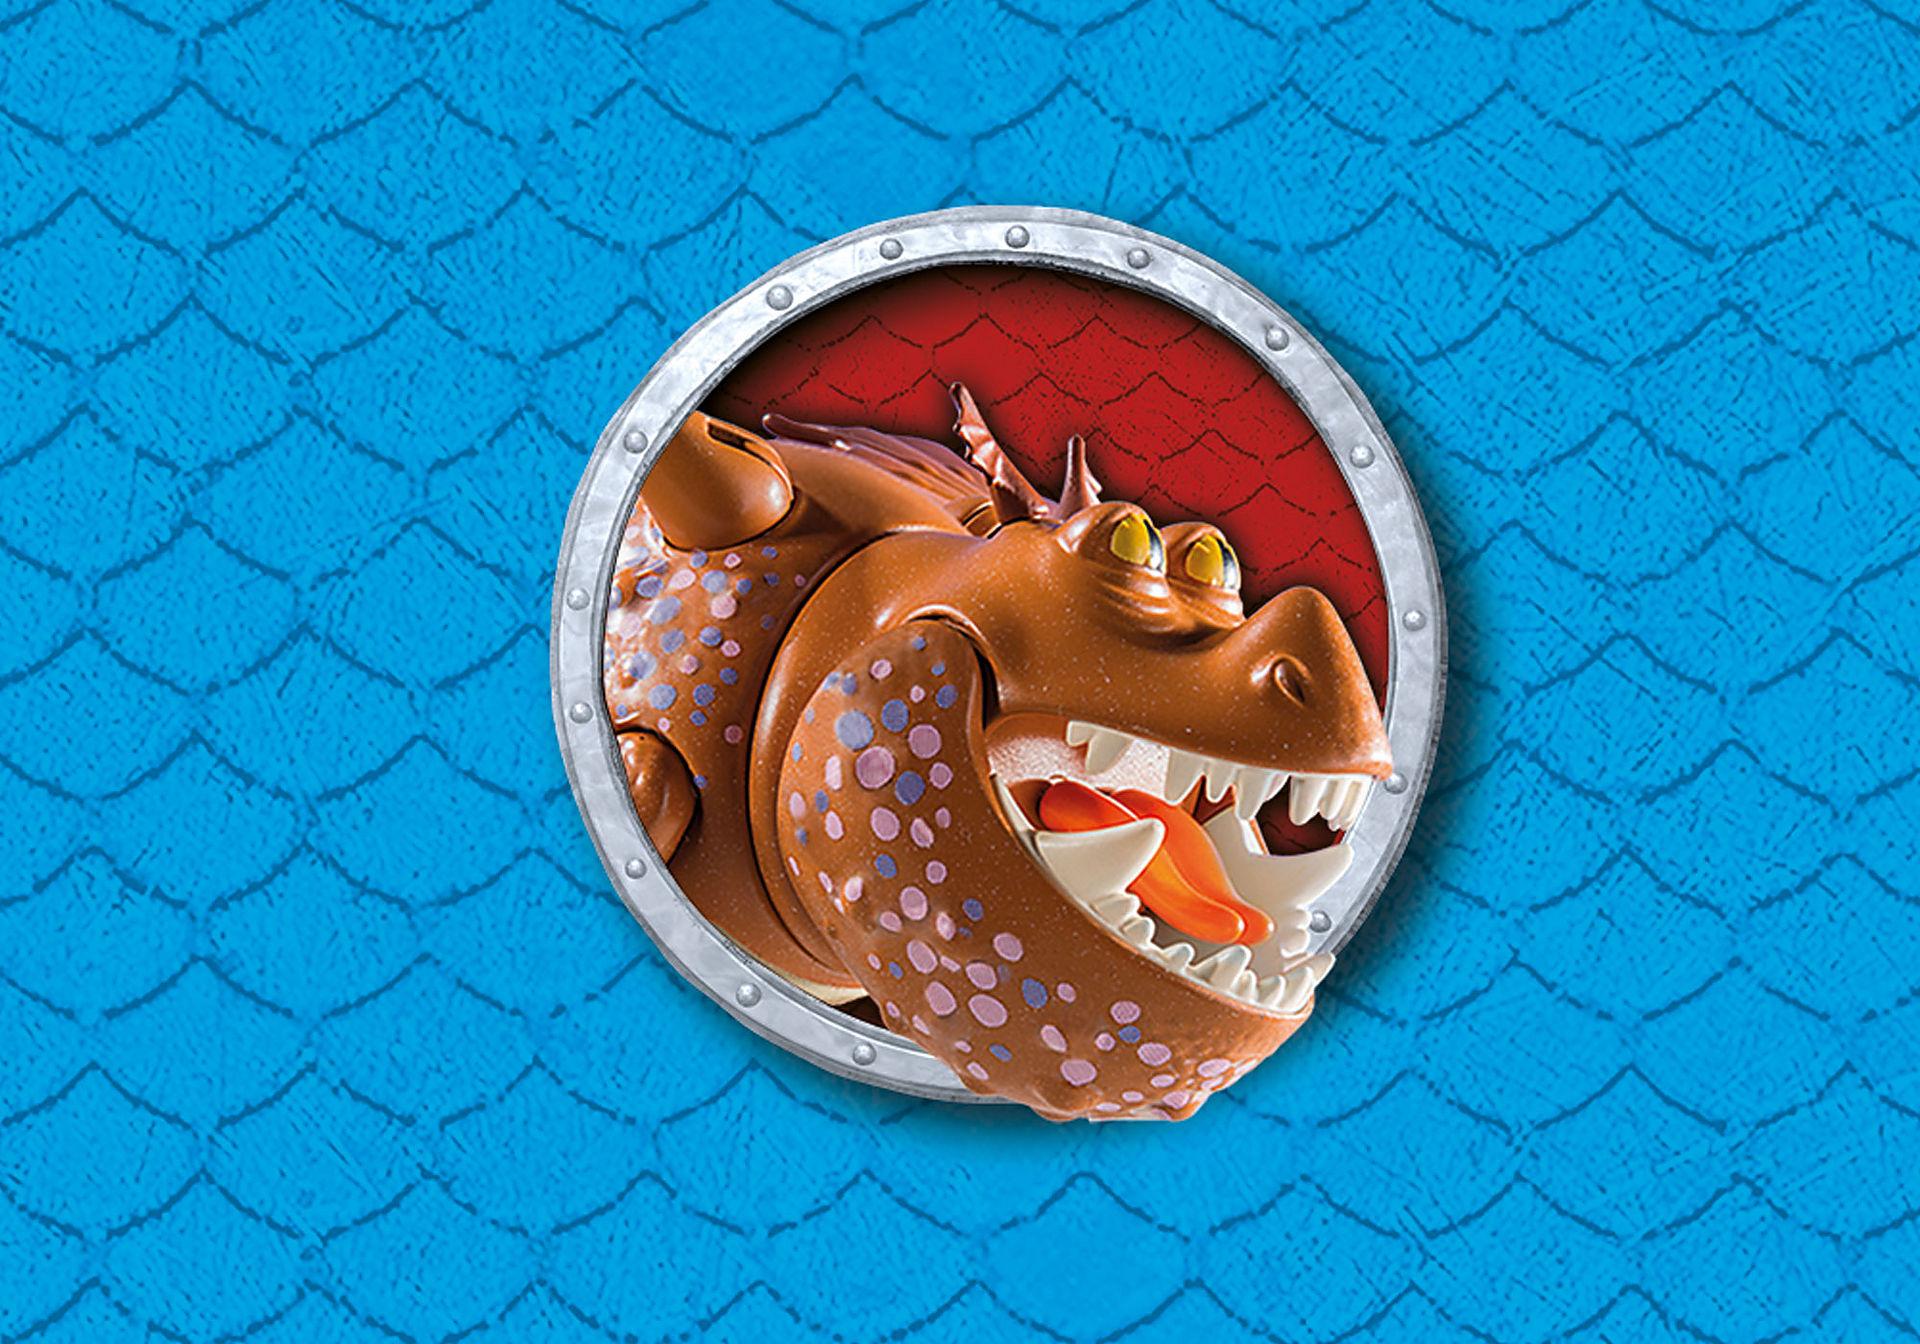 http://media.playmobil.com/i/playmobil/9460_product_extra4/Varek et Bouledogre